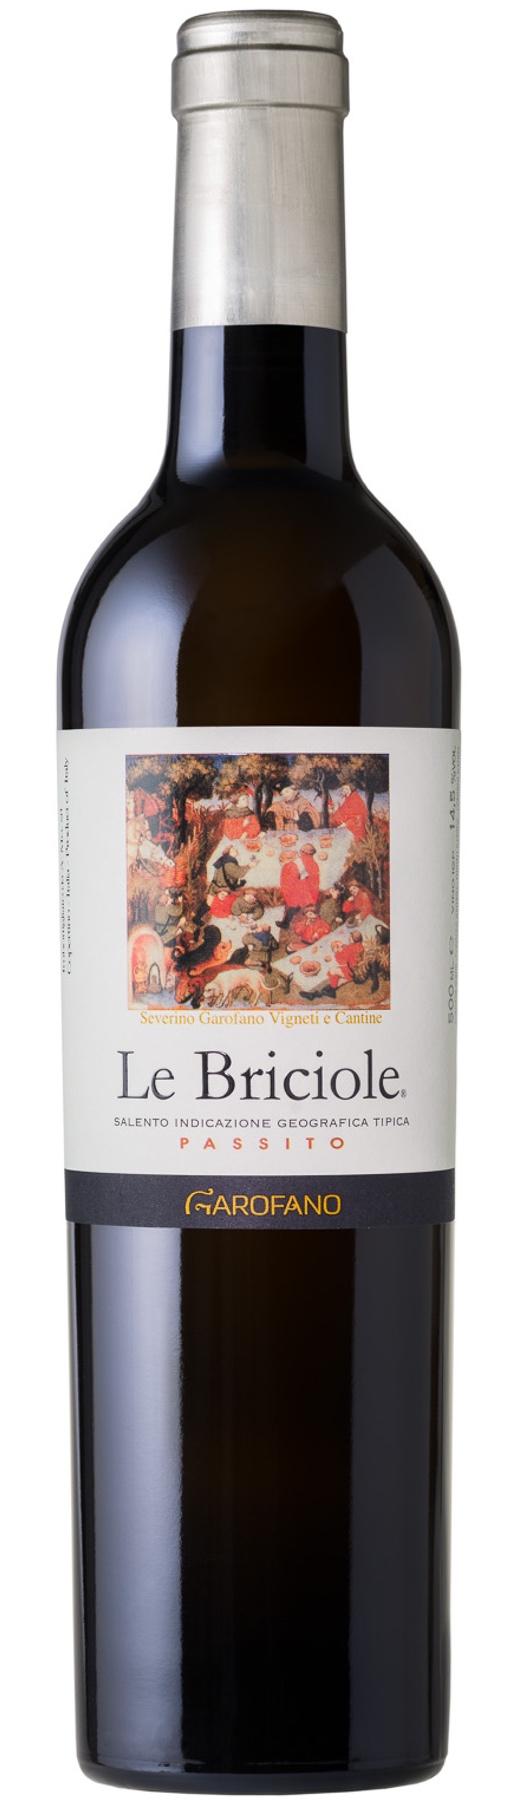 Bottiglia vino Briciole